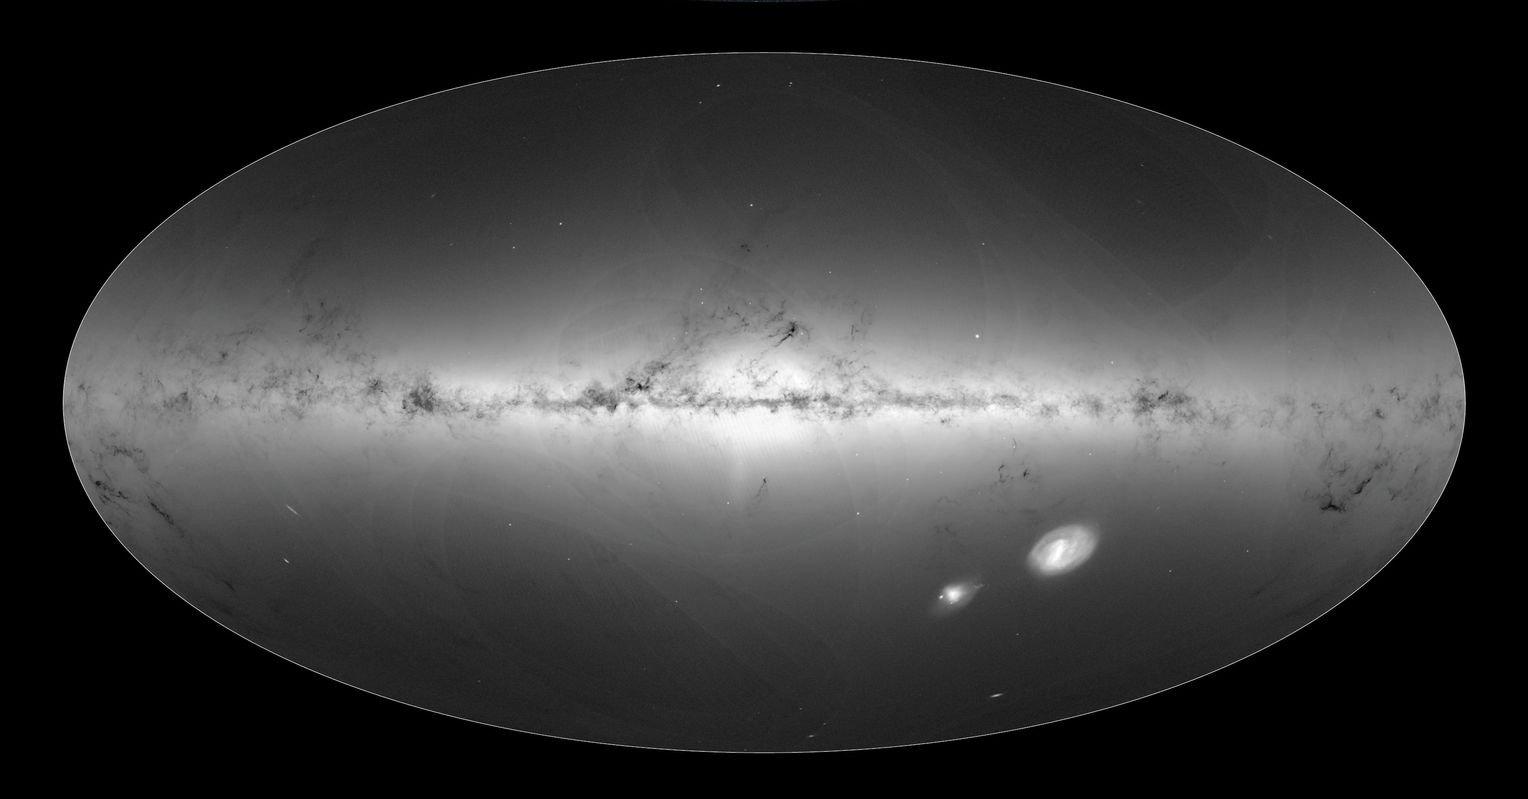 Вчені вперше виявили екзопланету за межами галактичної площини - Чумацький шлях, ЕКЗОПЛАНЕТА, галактика - 17 planeta